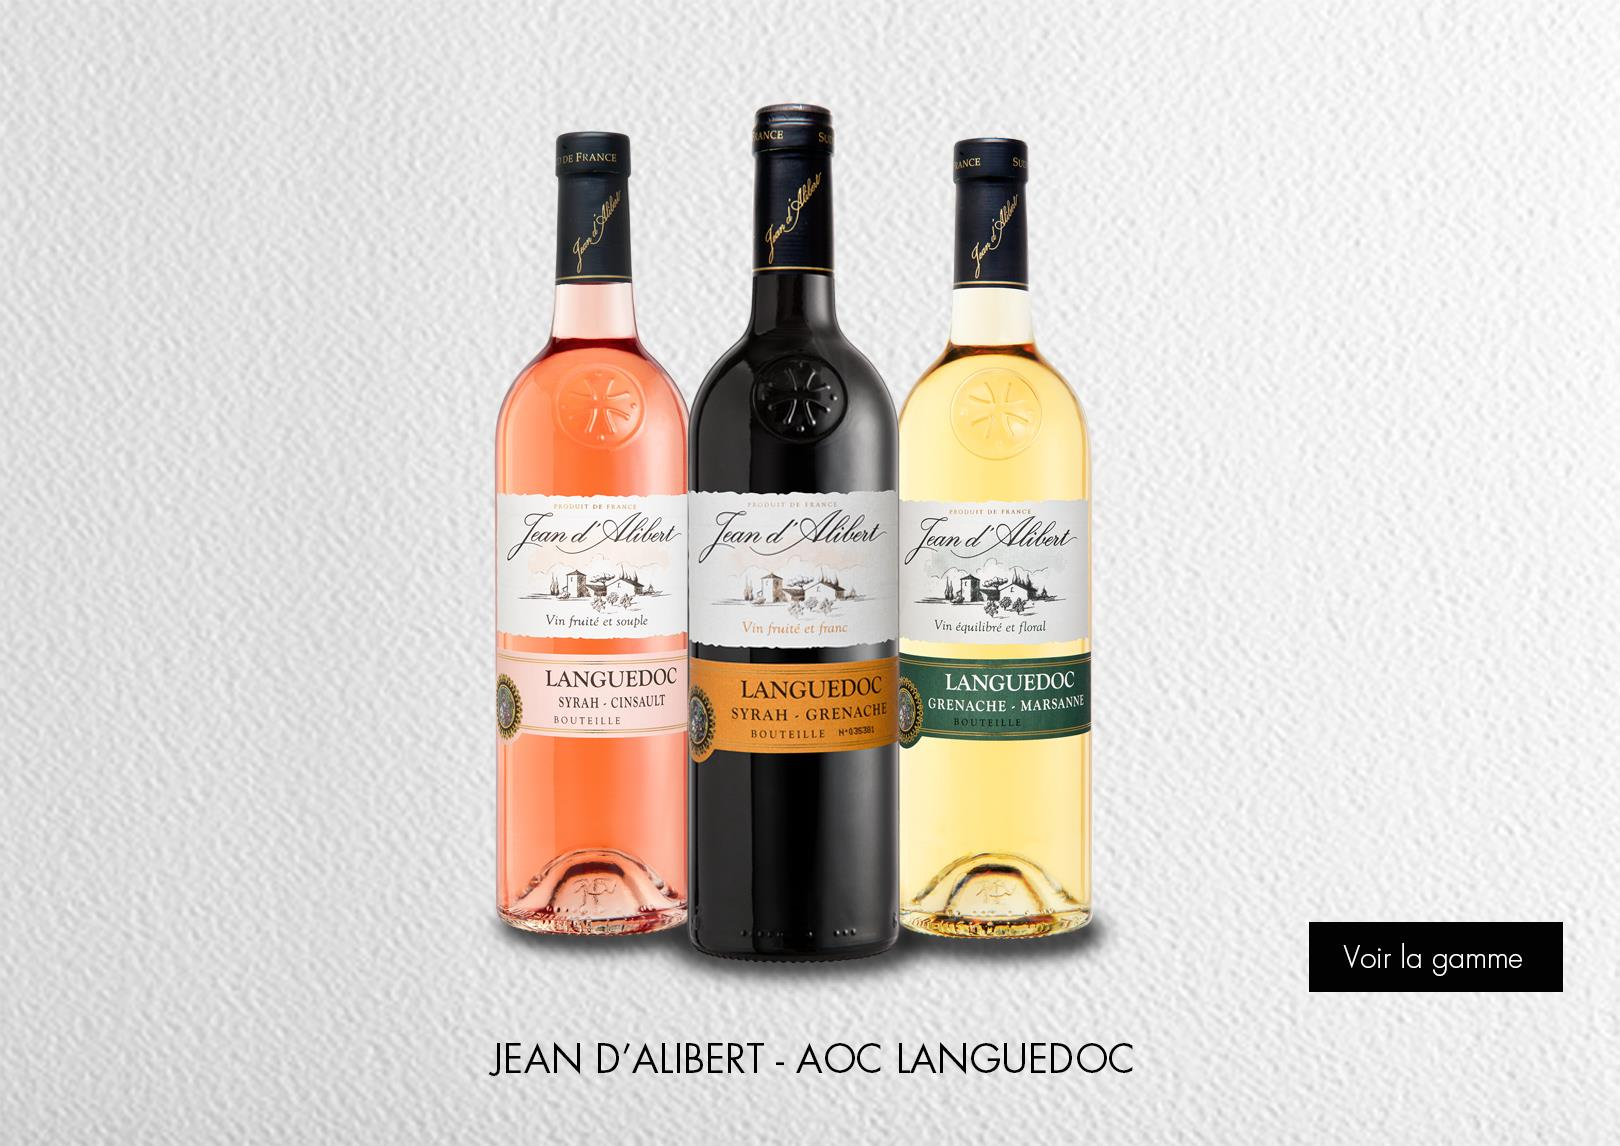 Jean d'Alibert - AOC Languedoc : Gamme Marques & Signatures